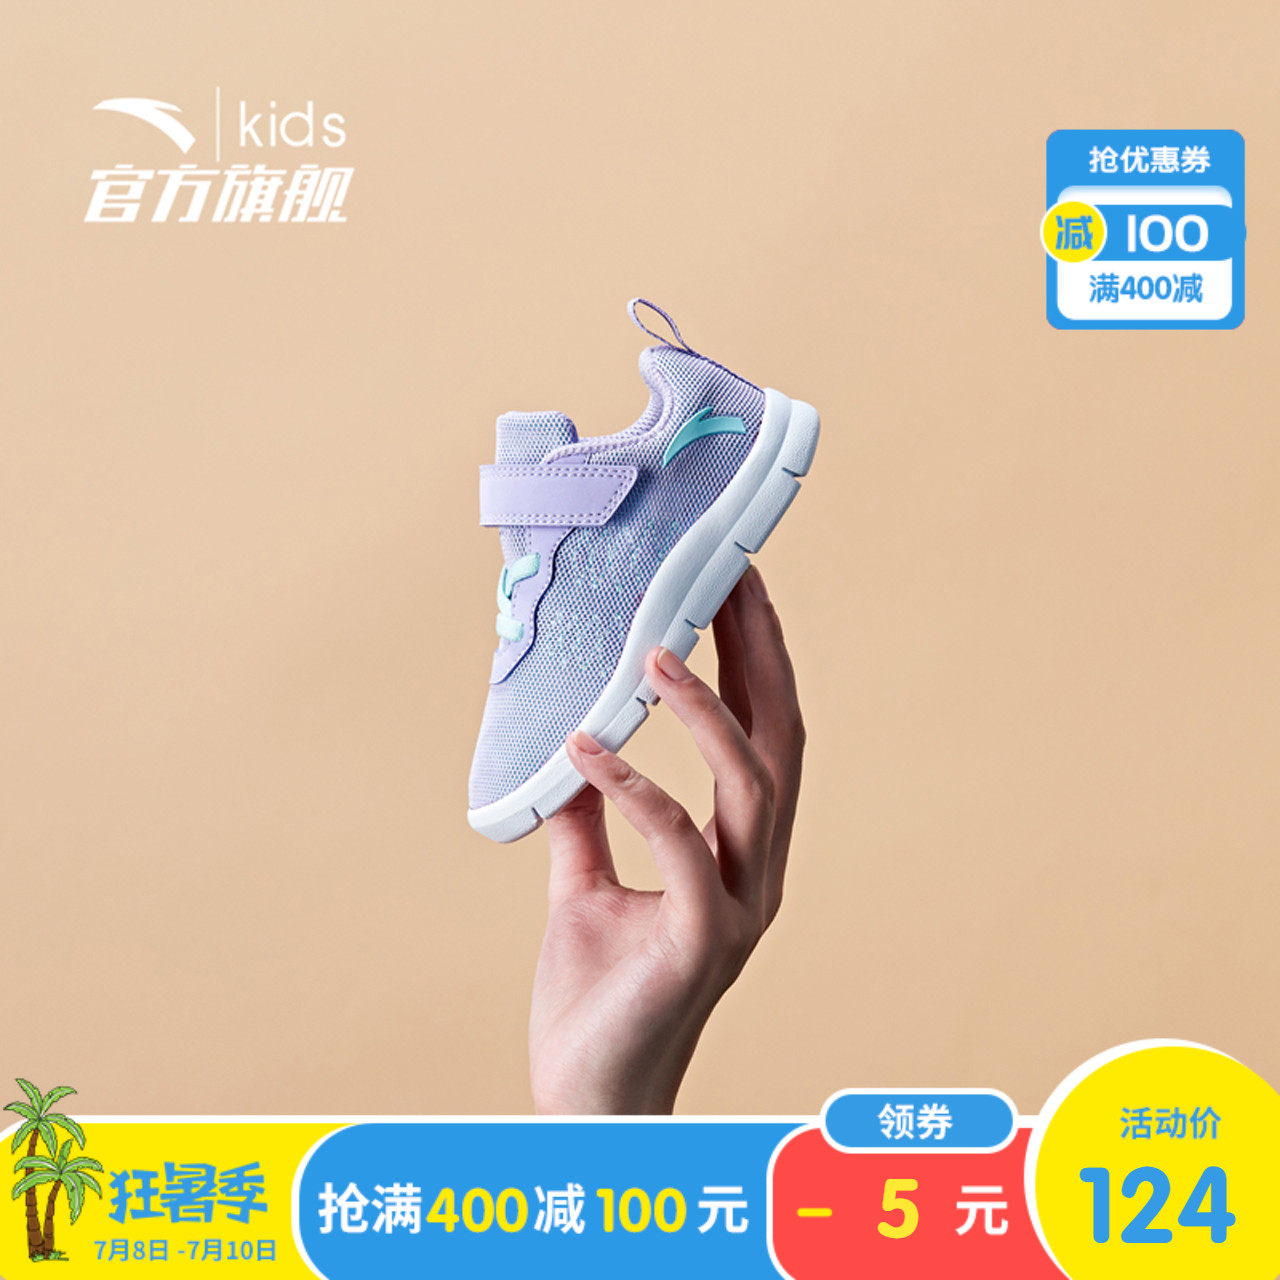 安踏童鞋 儿童学步鞋男童宝宝鞋子夏季女童婴幼儿软底网面透气鞋